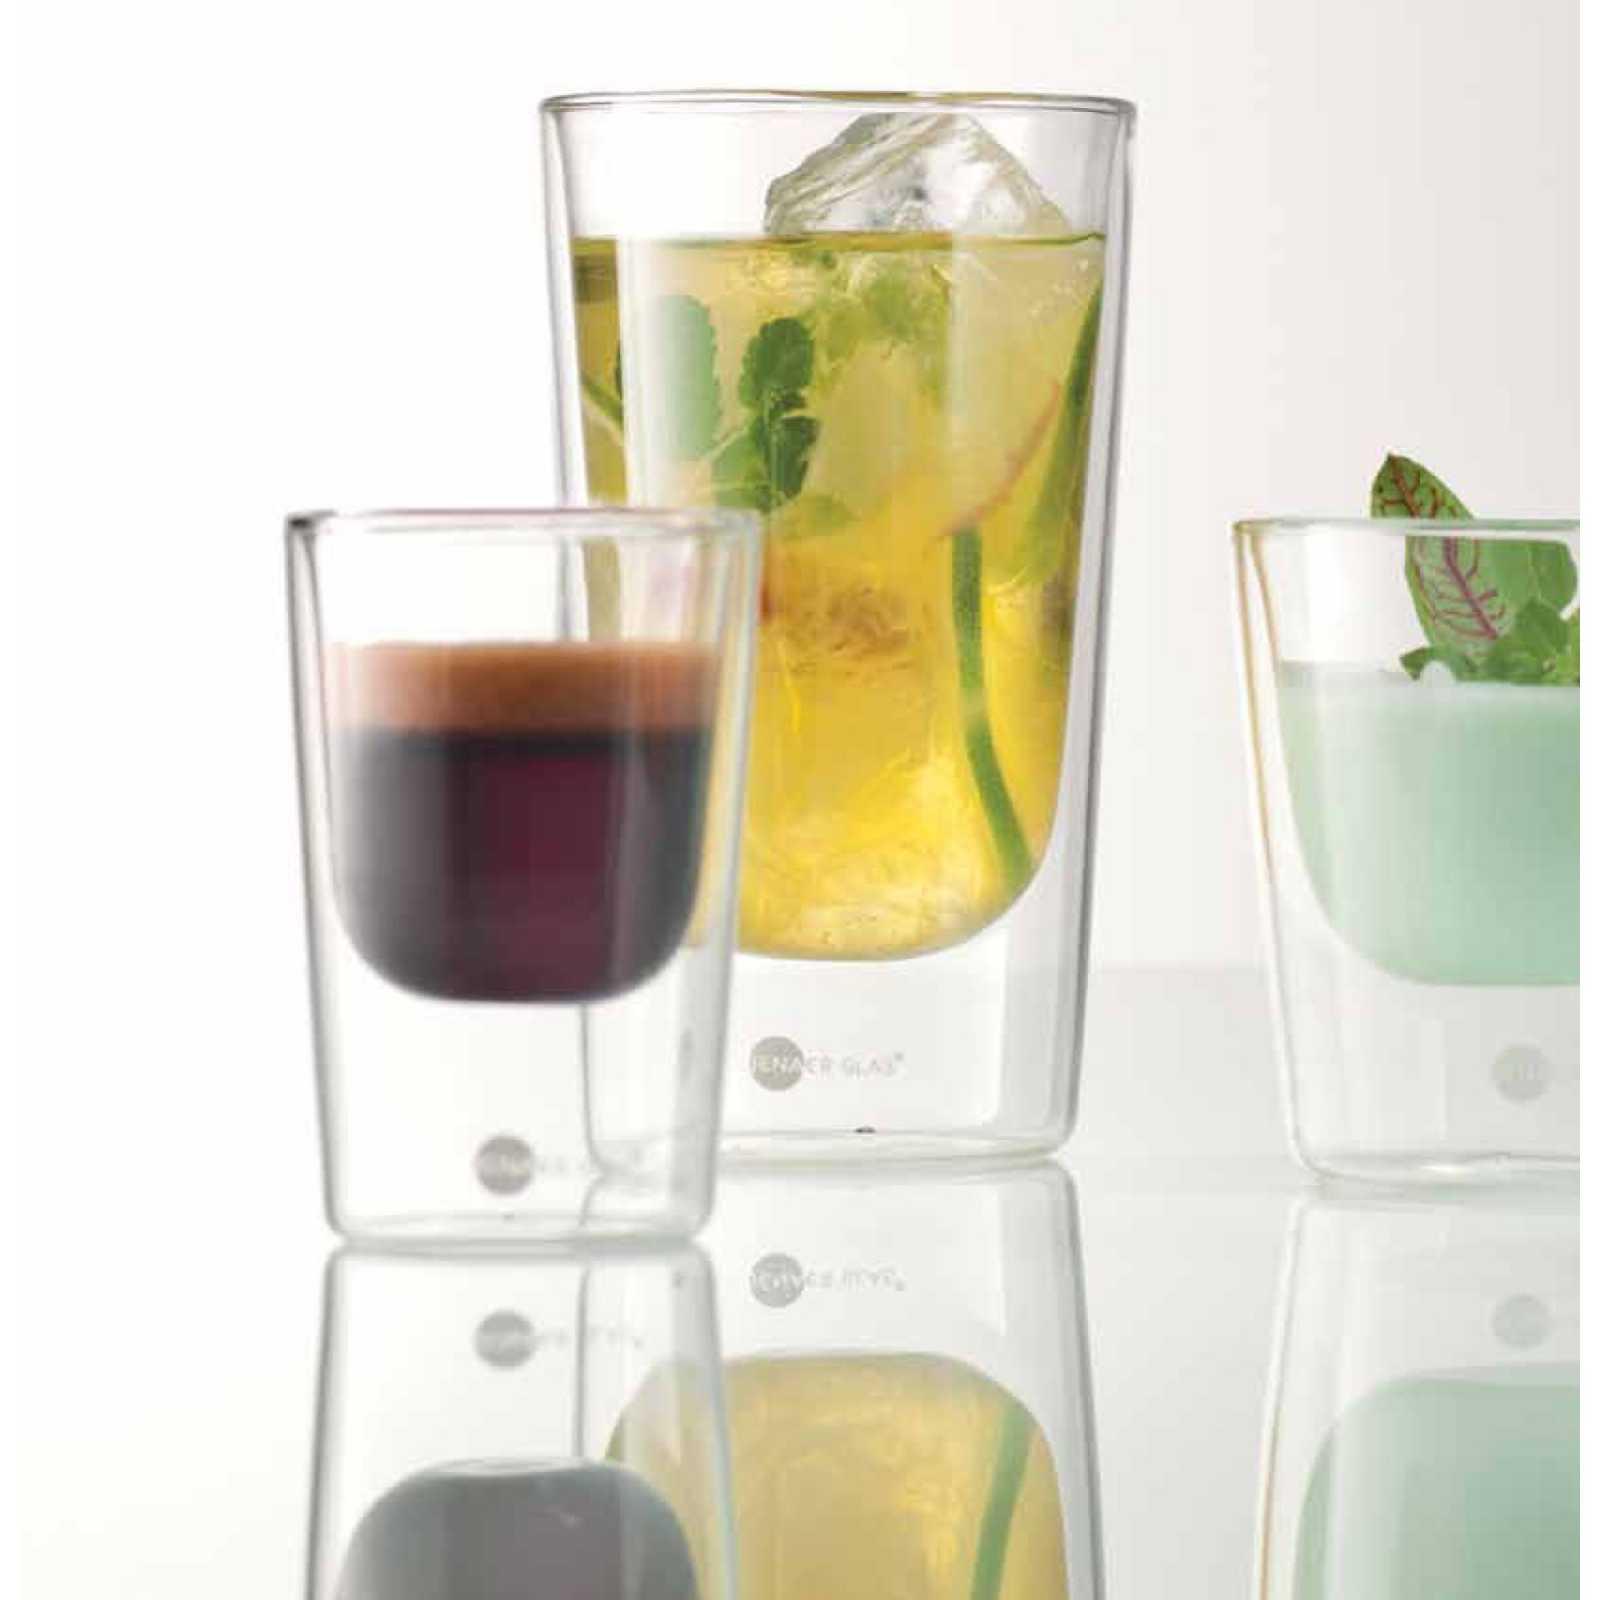 """Набор  стаканов  Jenaer Glas Becher""""PRIMO"""" L Hot'n'Cool, 2 шт, объем 0,145 л, прозрачный Jenaer Glas 115901 фото 2"""